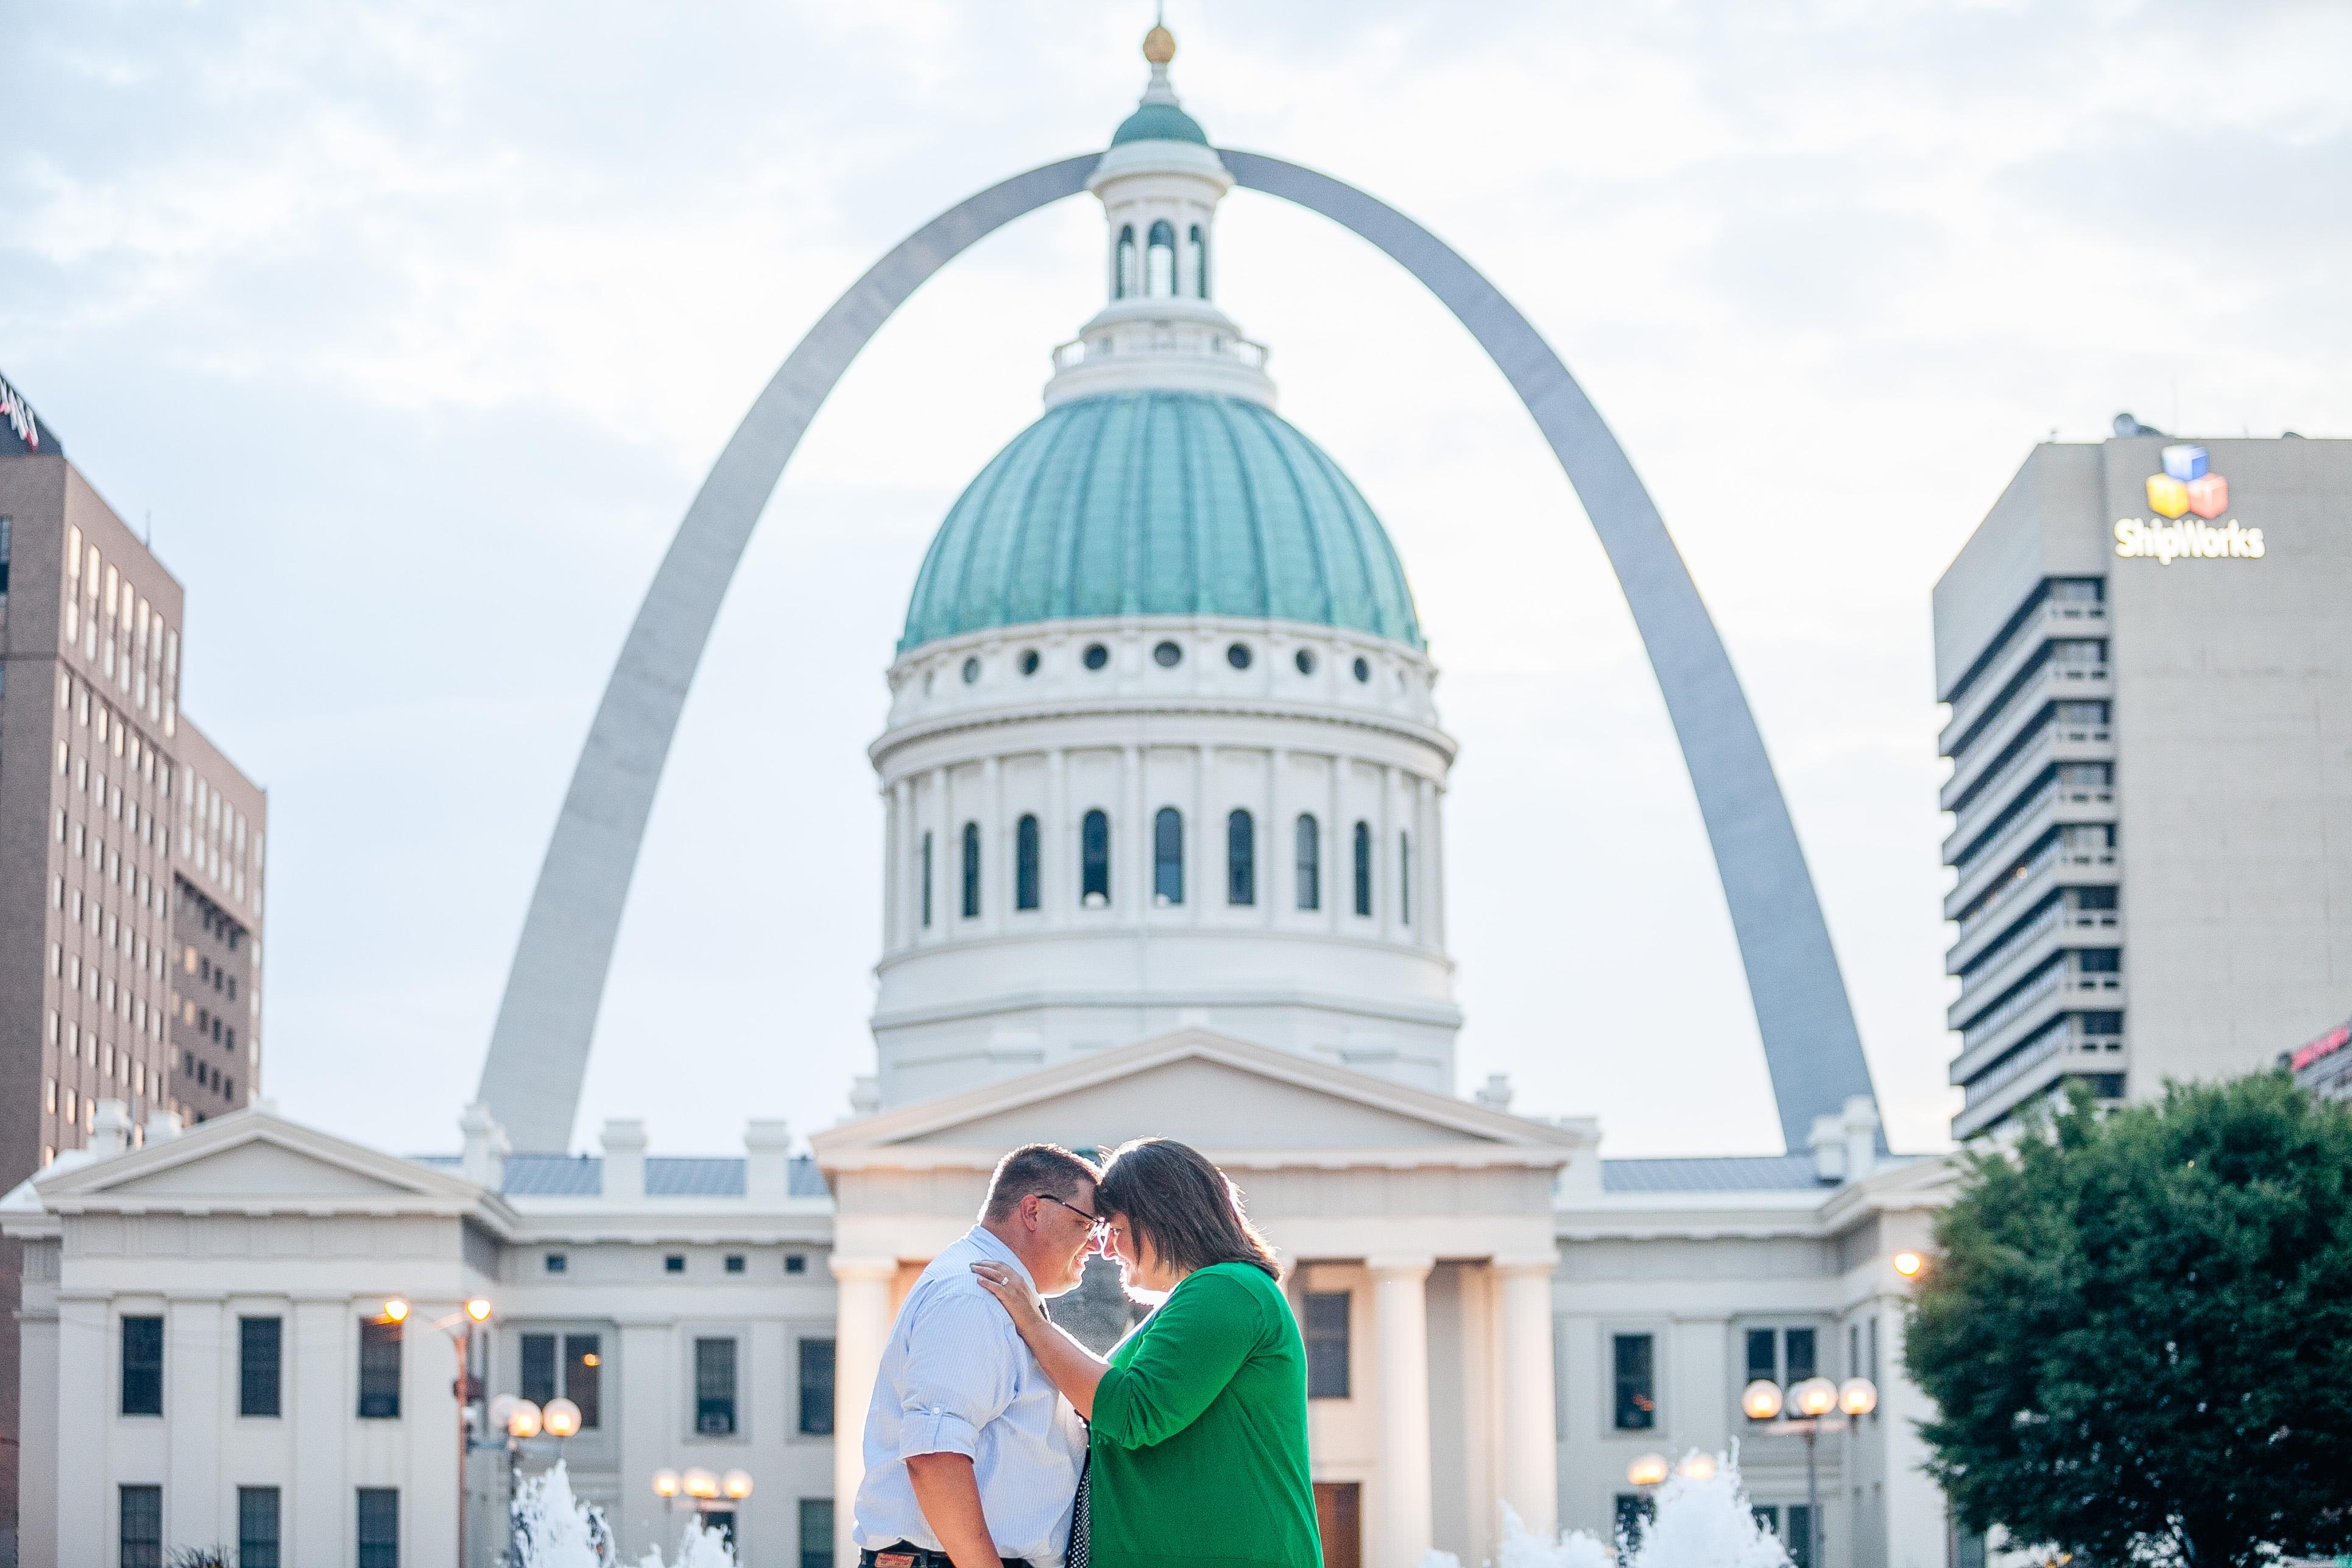 Under Grace Photography, St. Louis Photography, Engagement Photos, Portraits, Memories, Soul Mates, St. Louis Blogger, Plus Size Blogger